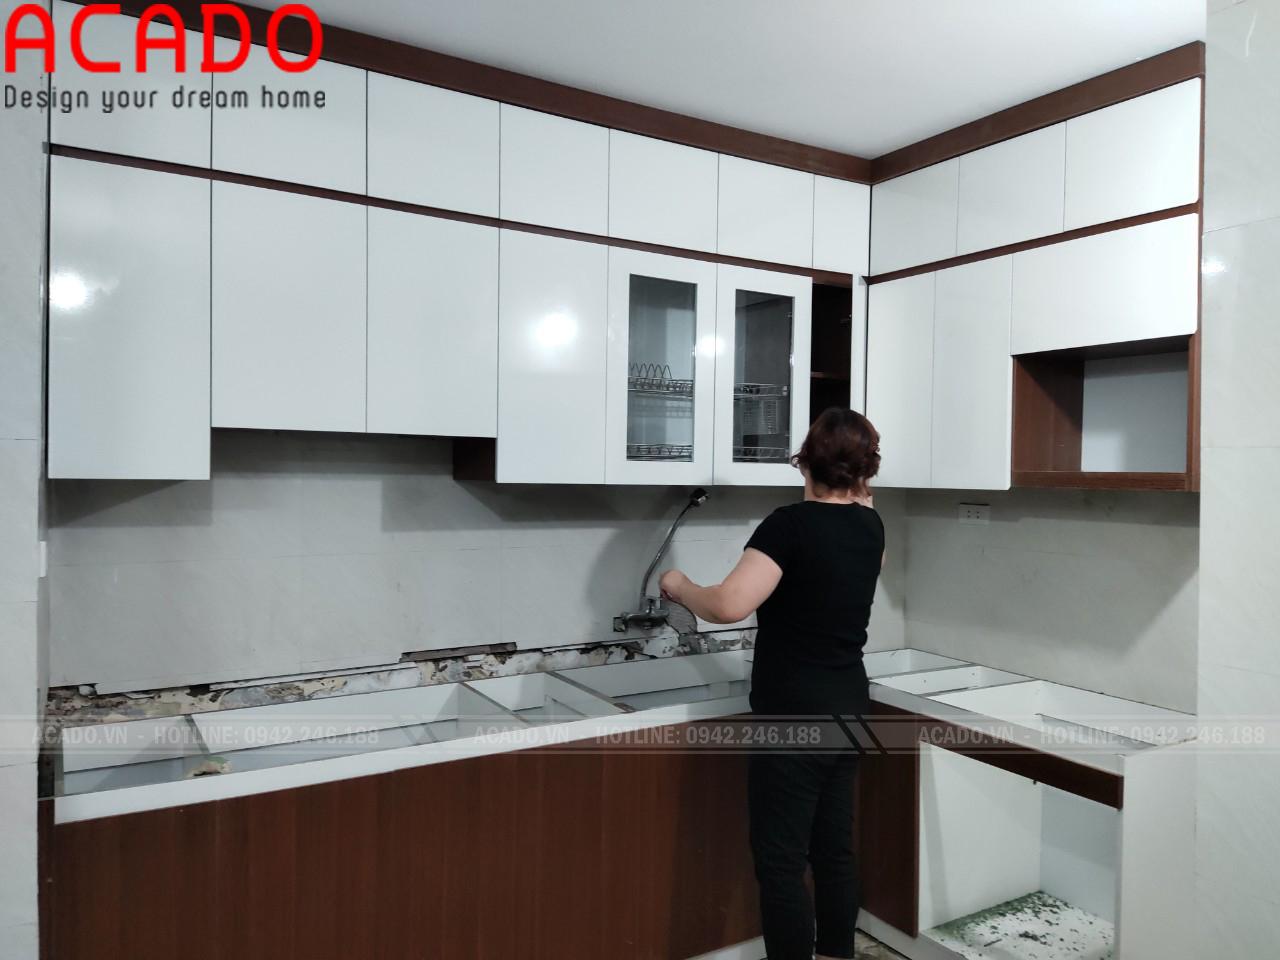 Thiết kế kịch trần tạo cảm giác rộng cho không gian căn bêp - Làm tủ bếp tại Hoàng Mai - Hà nội